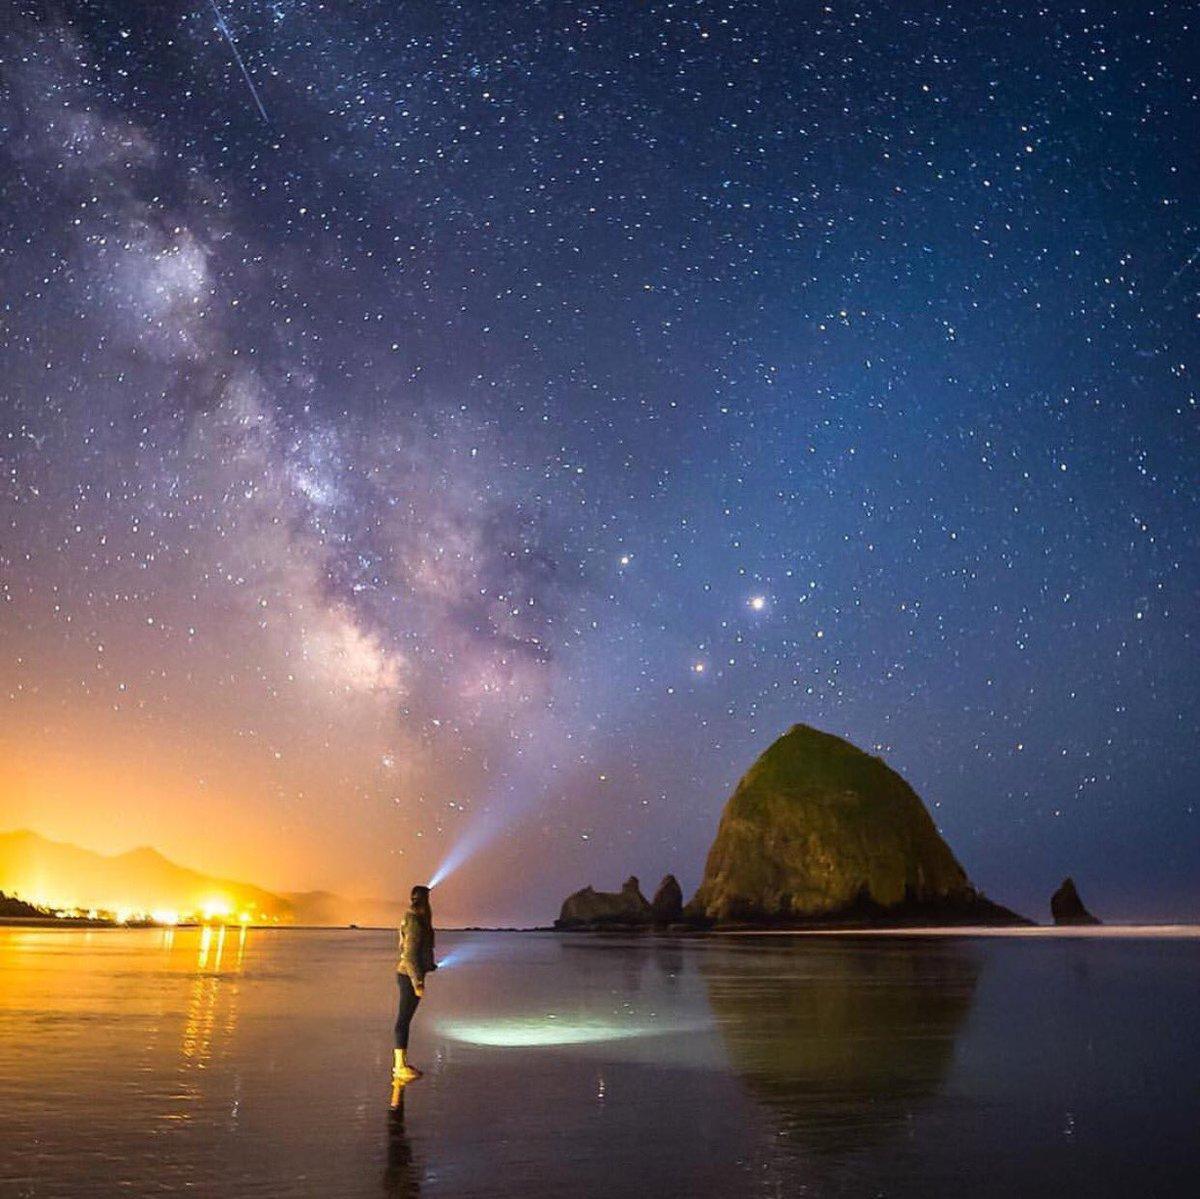 自从上次在Hady看了令人震撼的银河之后对银河的爱慕之情如银河般浩瀚无际。 https://t.co/1u3DjcNfwq